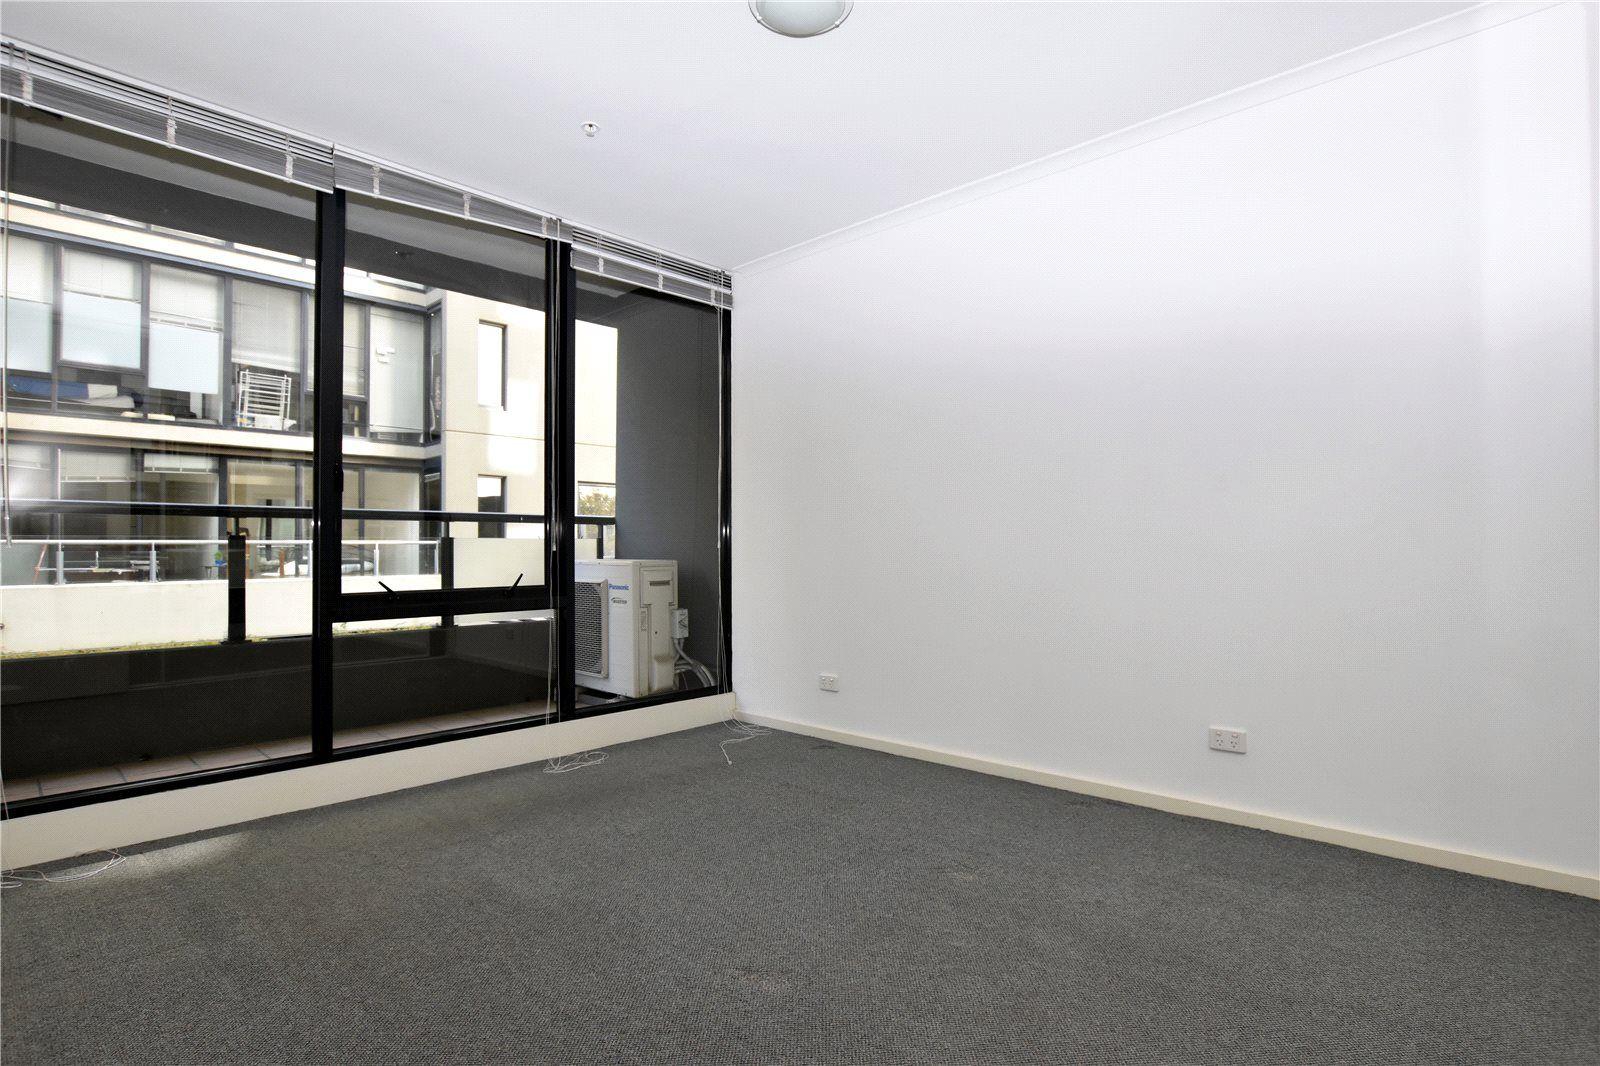 16/39 Dorcas Street, South Melbourne VIC 3205, Image 2